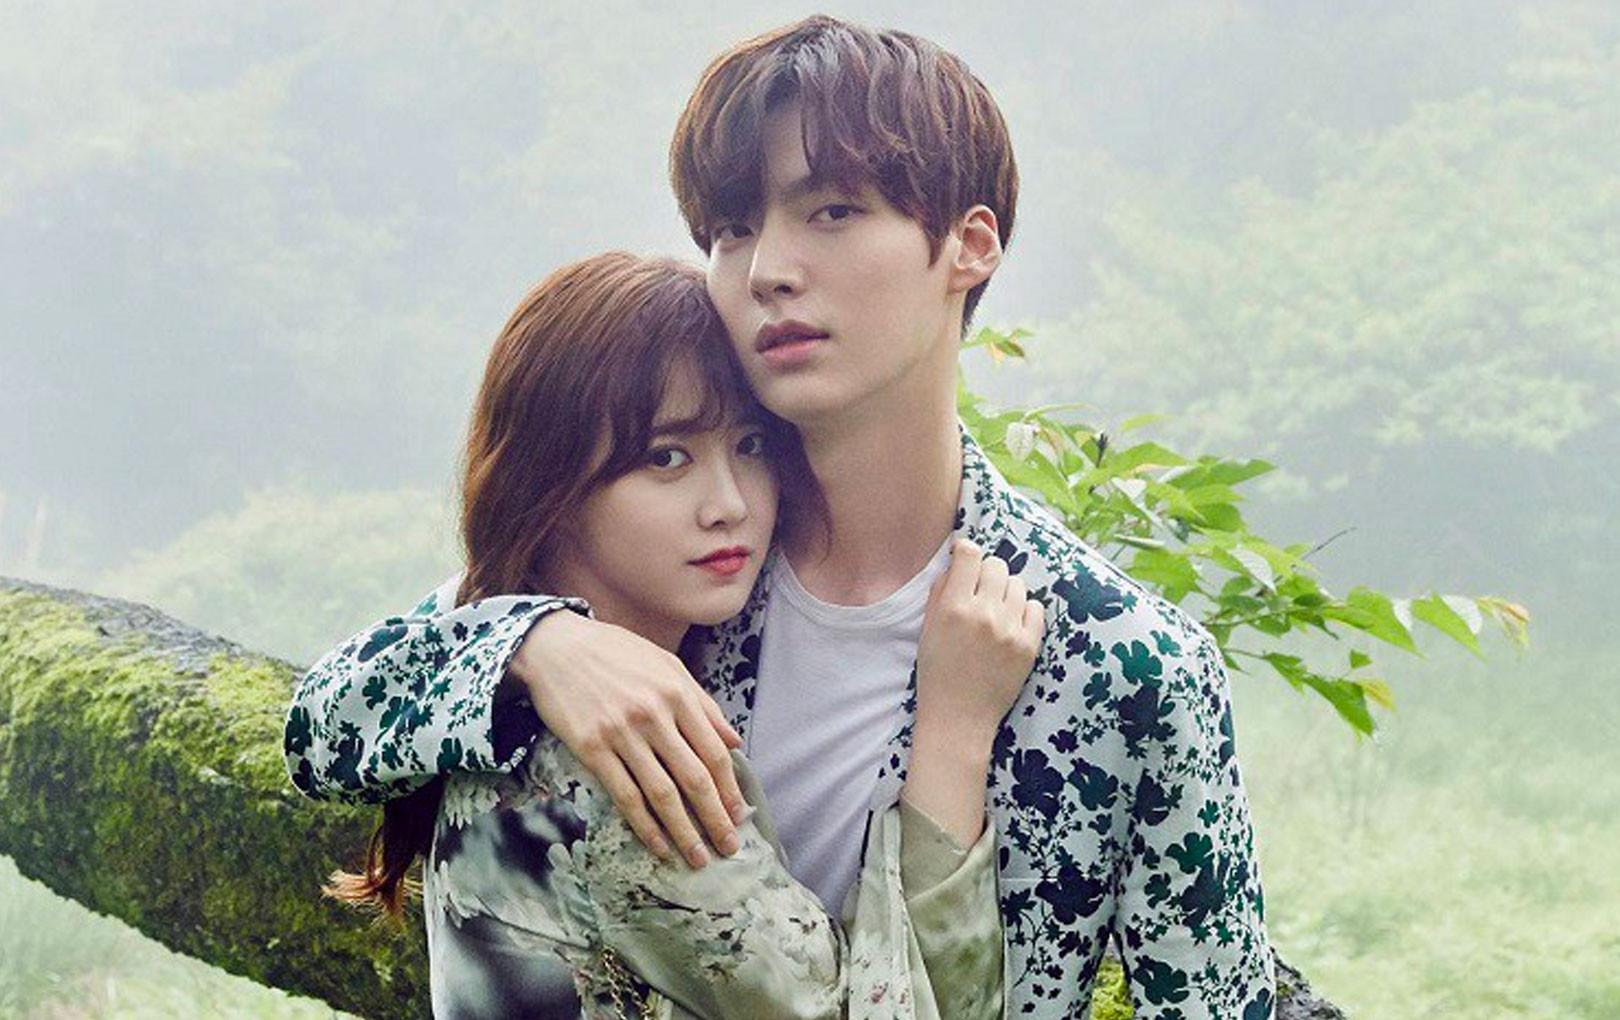 """Đọc lại những câu nói ngôn tình của Ahn Jae Hyun, netizen nhắn nhủ: """"Mong anh từ nay về sau, sóng gió không yên một ngày"""""""